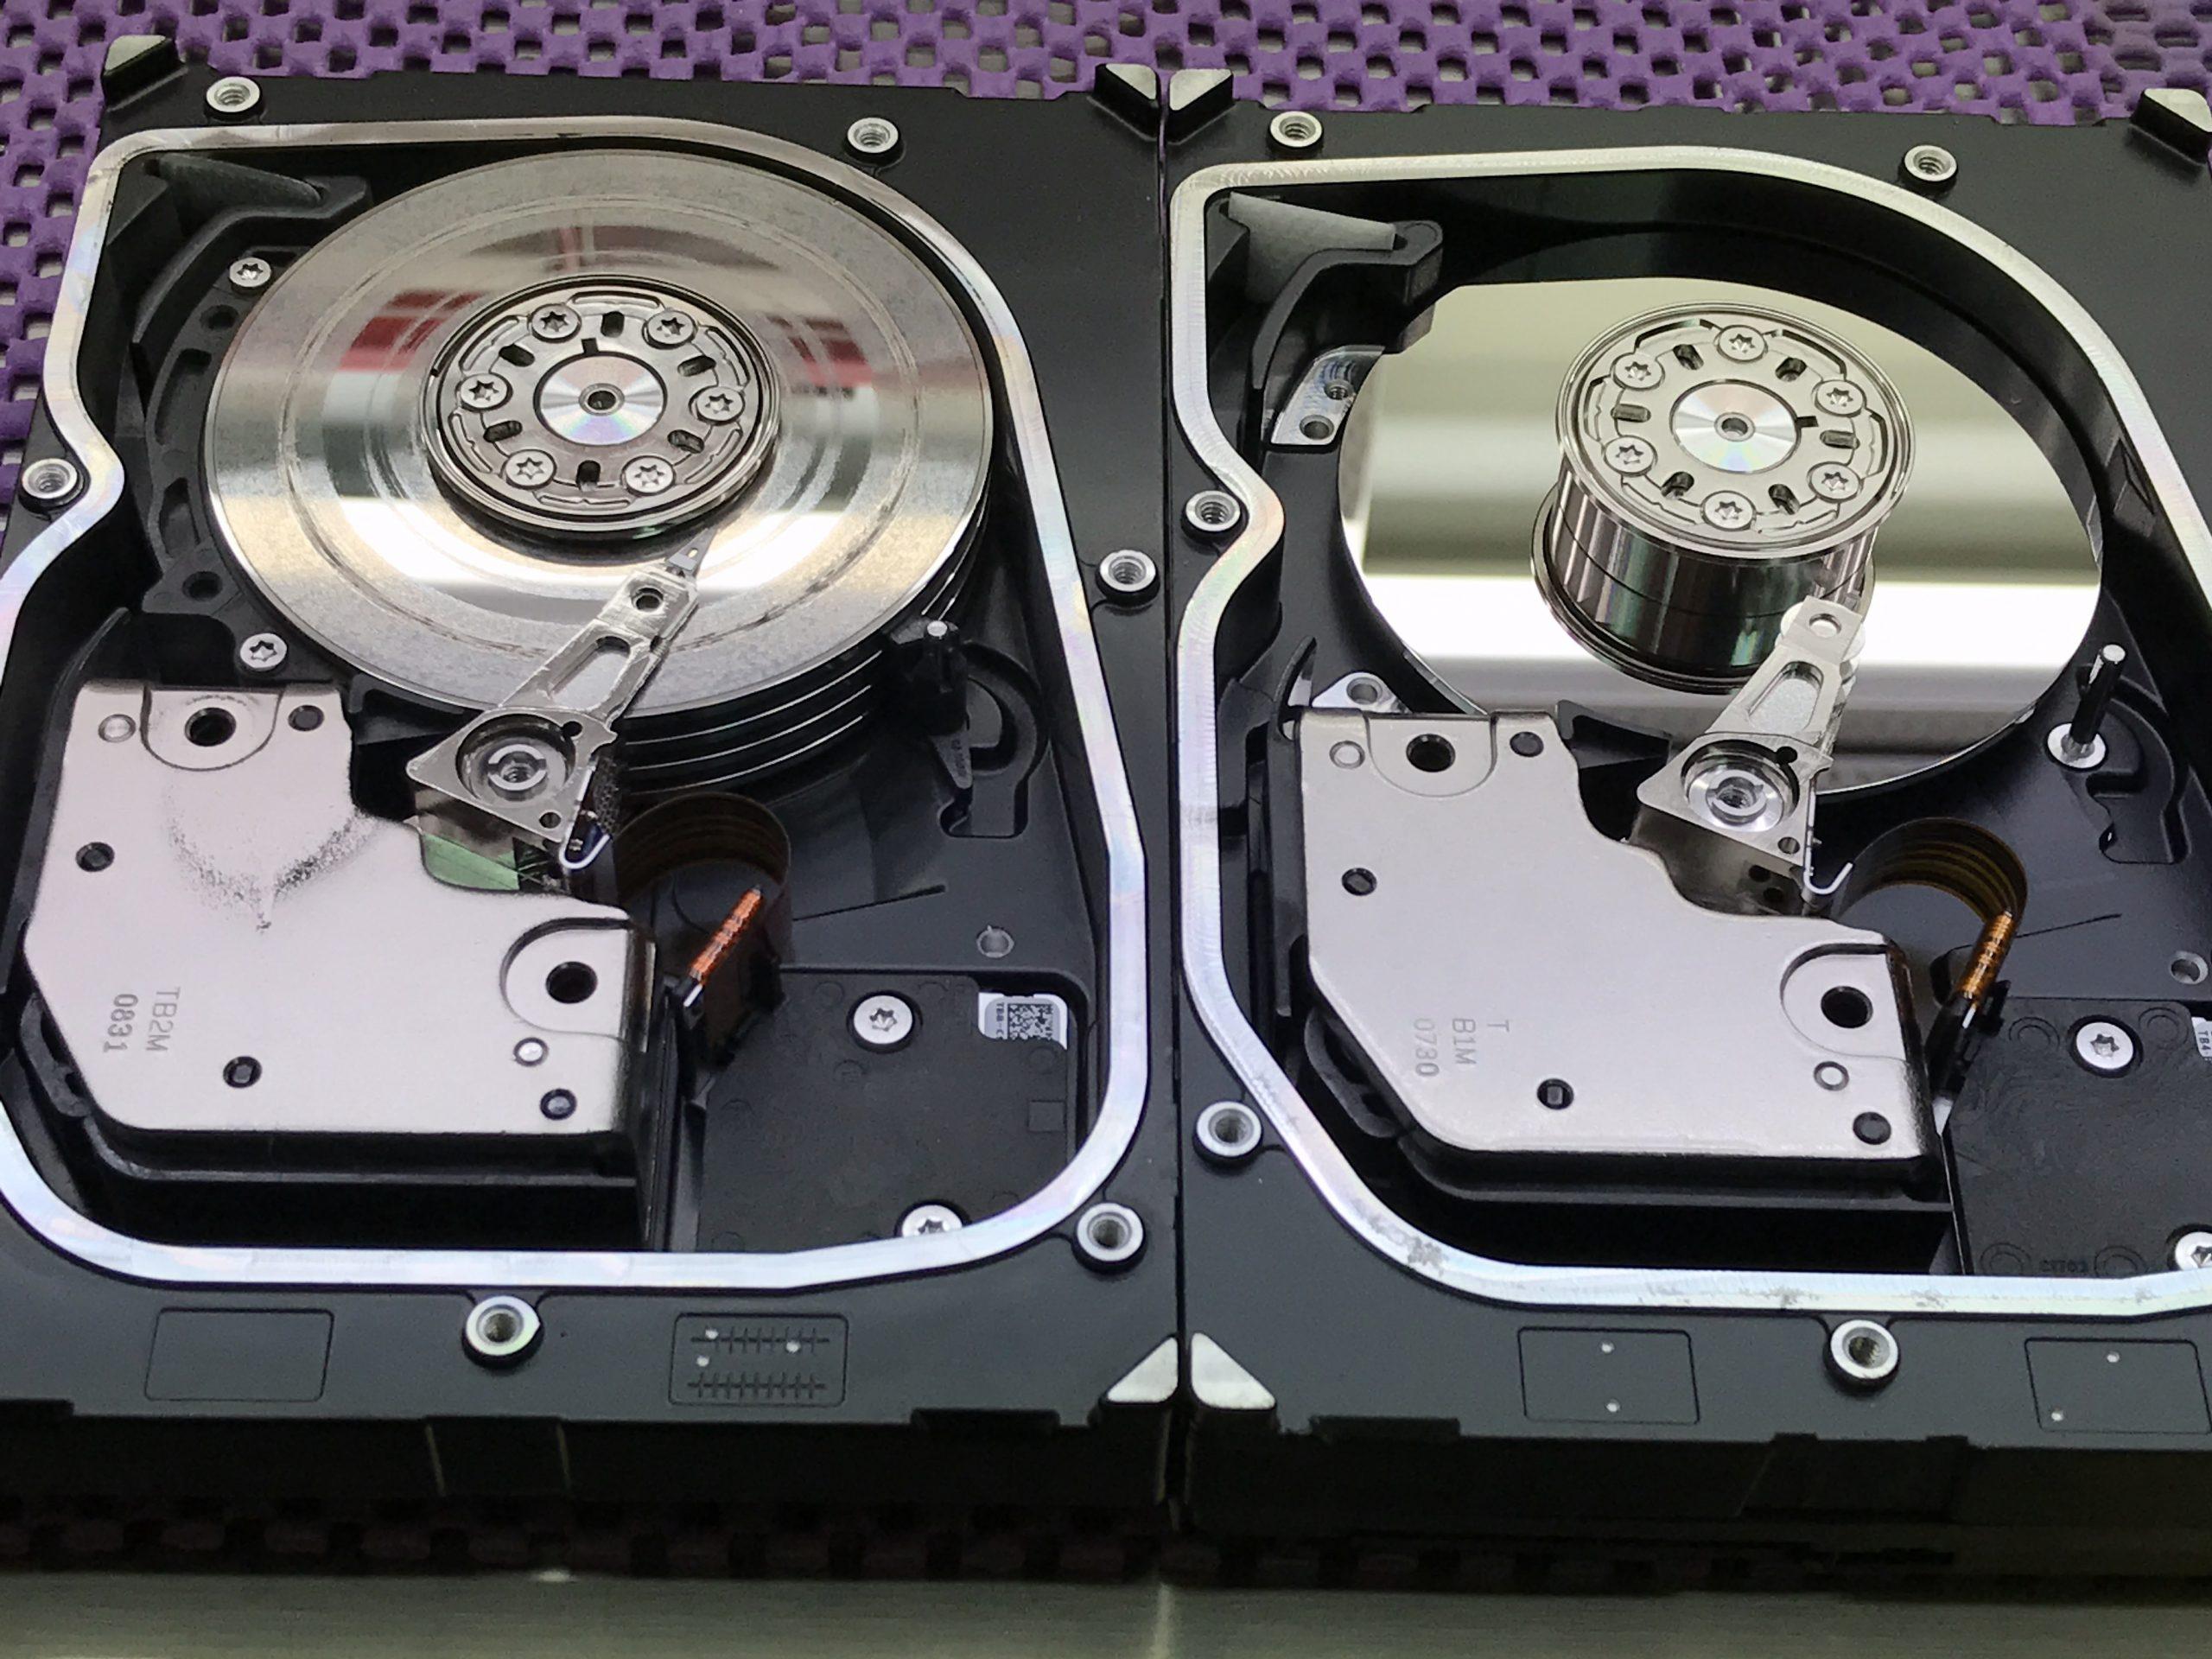 硬碟、SSD、陣列、NAS、資料救援、資料恢復費用是如何估價?